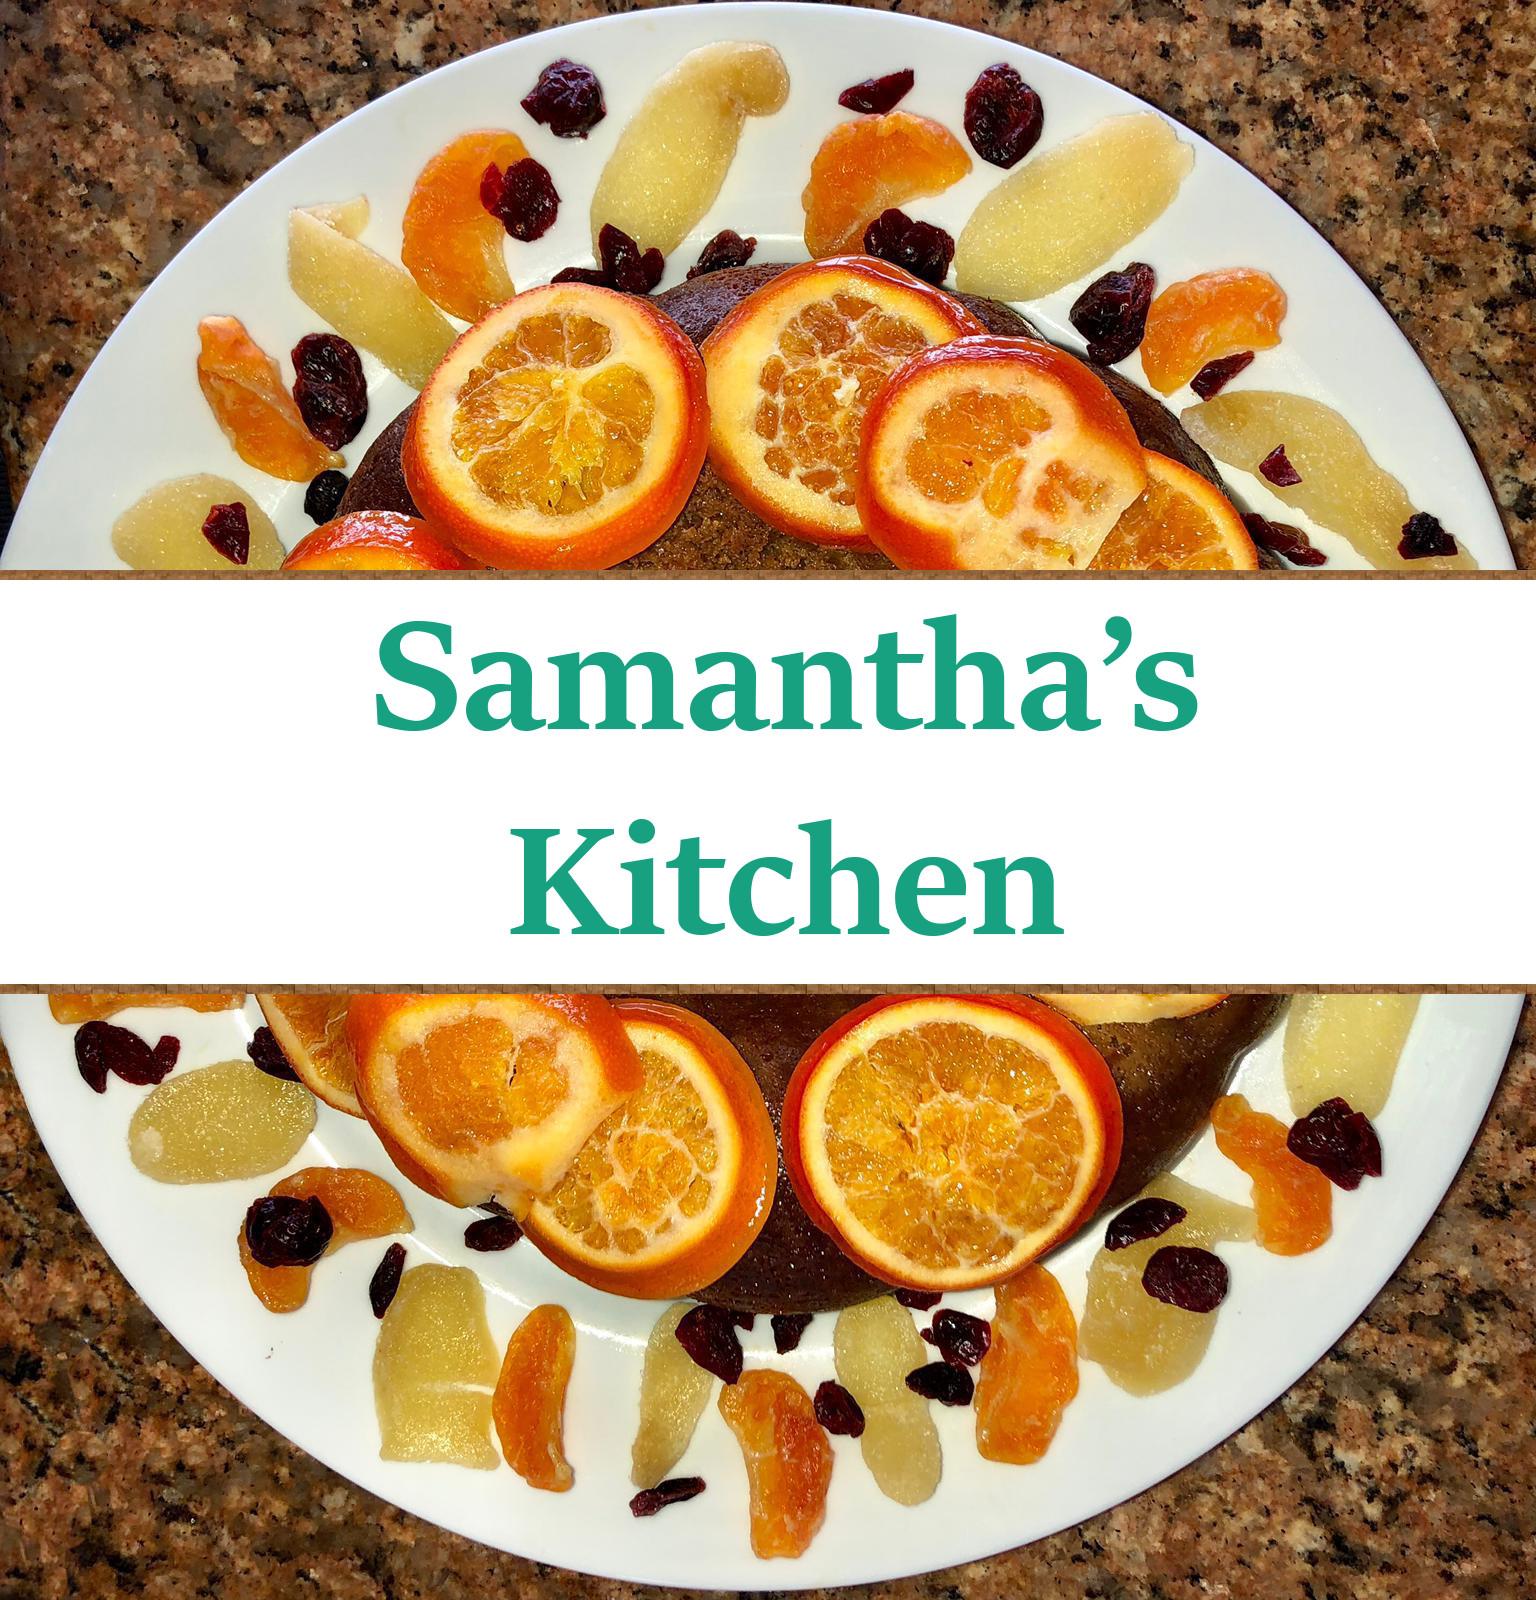 samantha kitchen.jpg